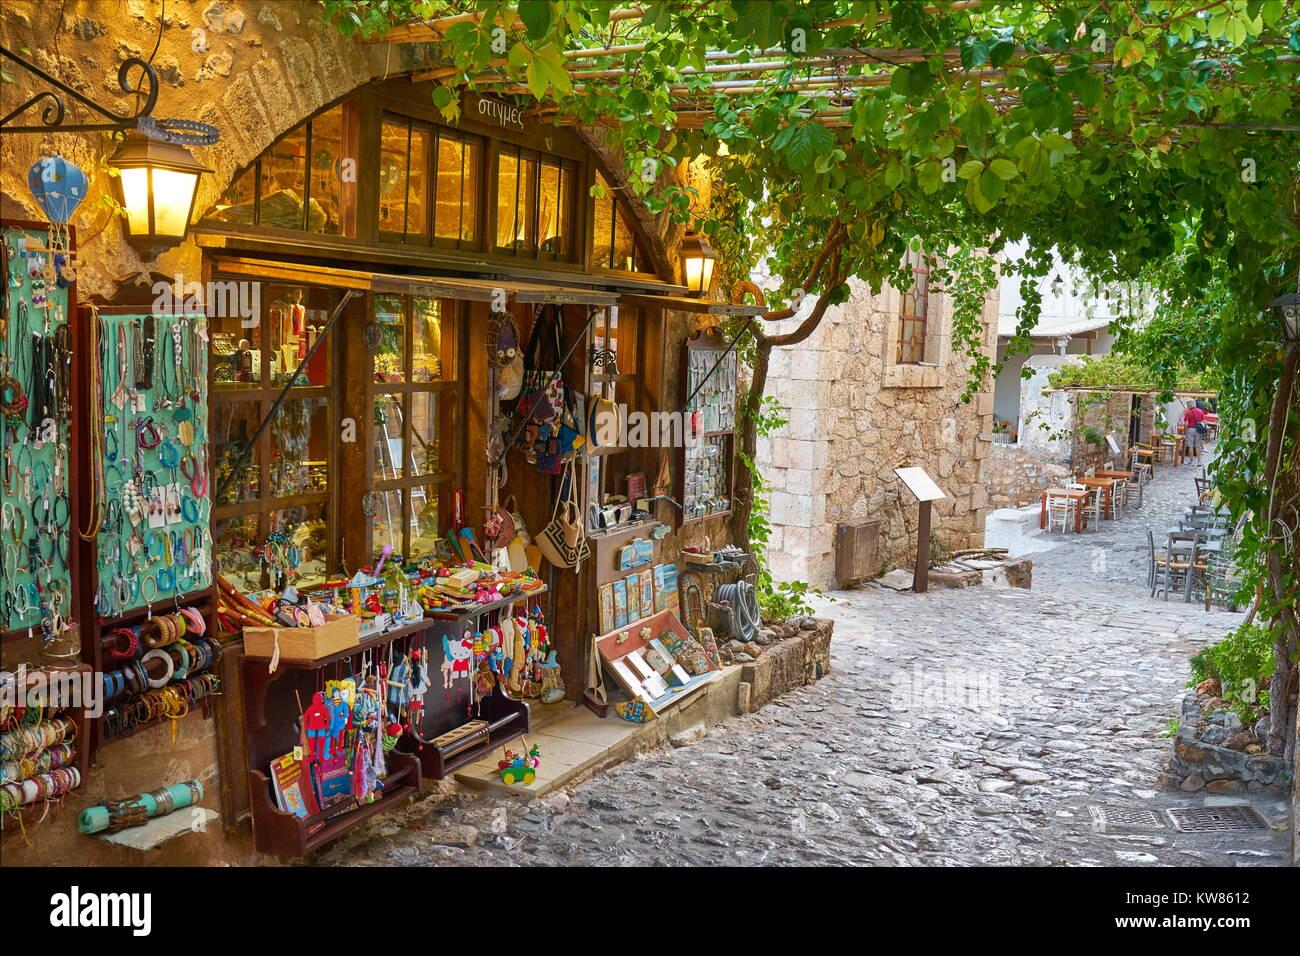 Hauptstraße in Monemvasia Dorf, Peloponnes, Griechenland Stockbild